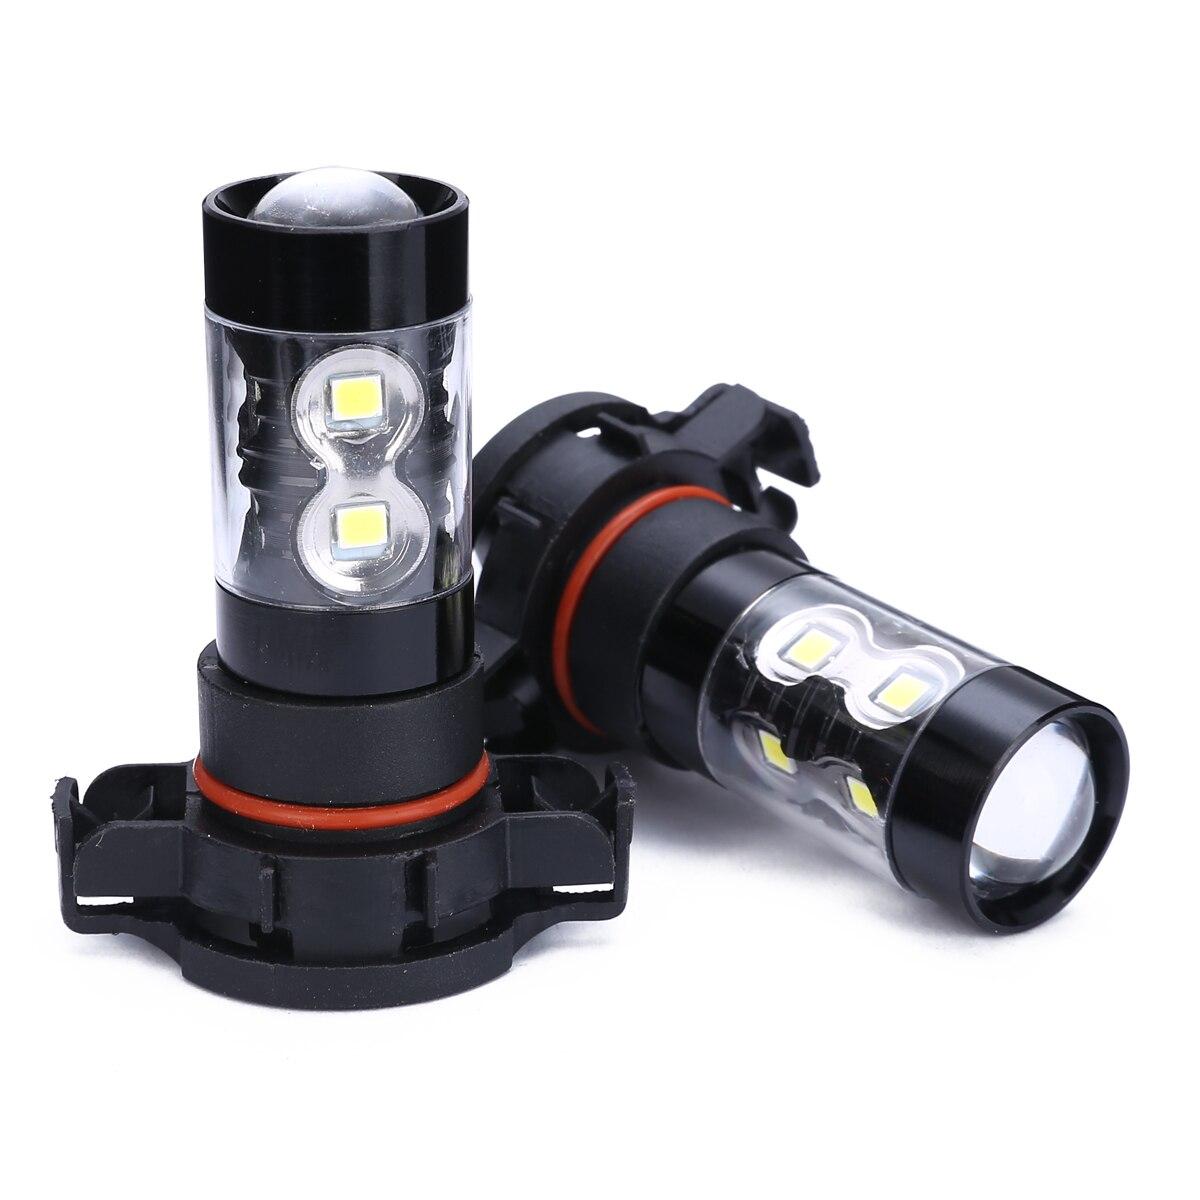 2 uds Super brillante 50W PSX24W 2504 bombillas LED Luz de niebla 6000K-tiempo Lamo para Honda Toyota Honda BMW